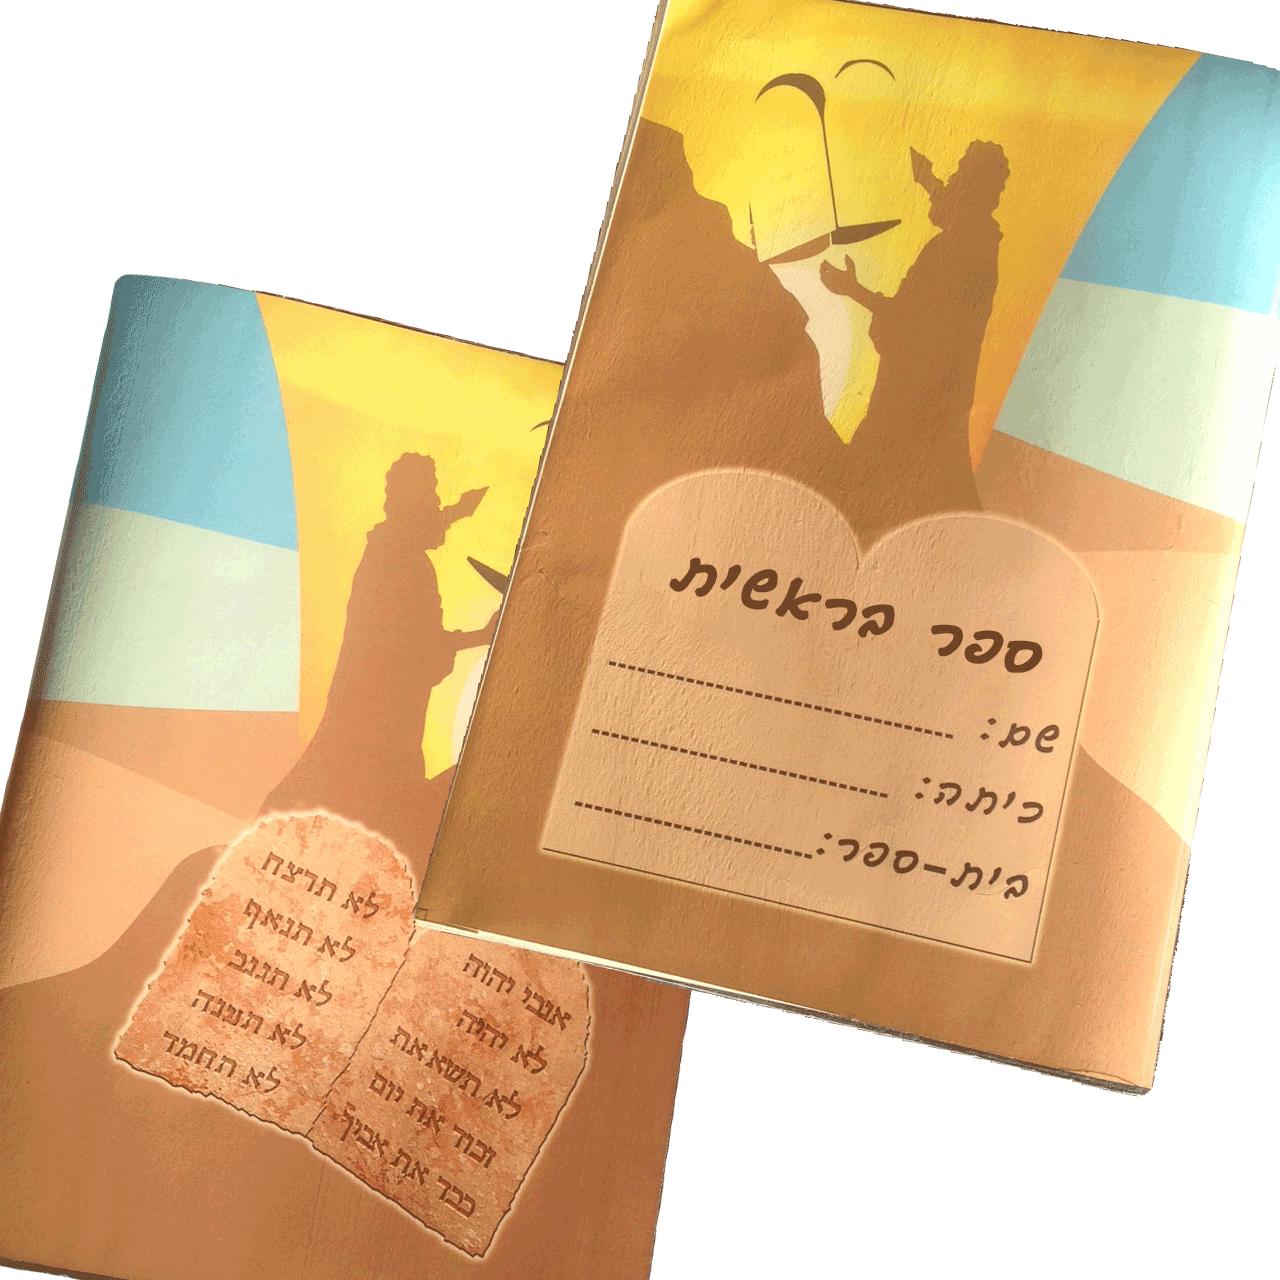 עטיפה לספר בראשית, דגם קבלת התורה-מתנה לקבלת התורה